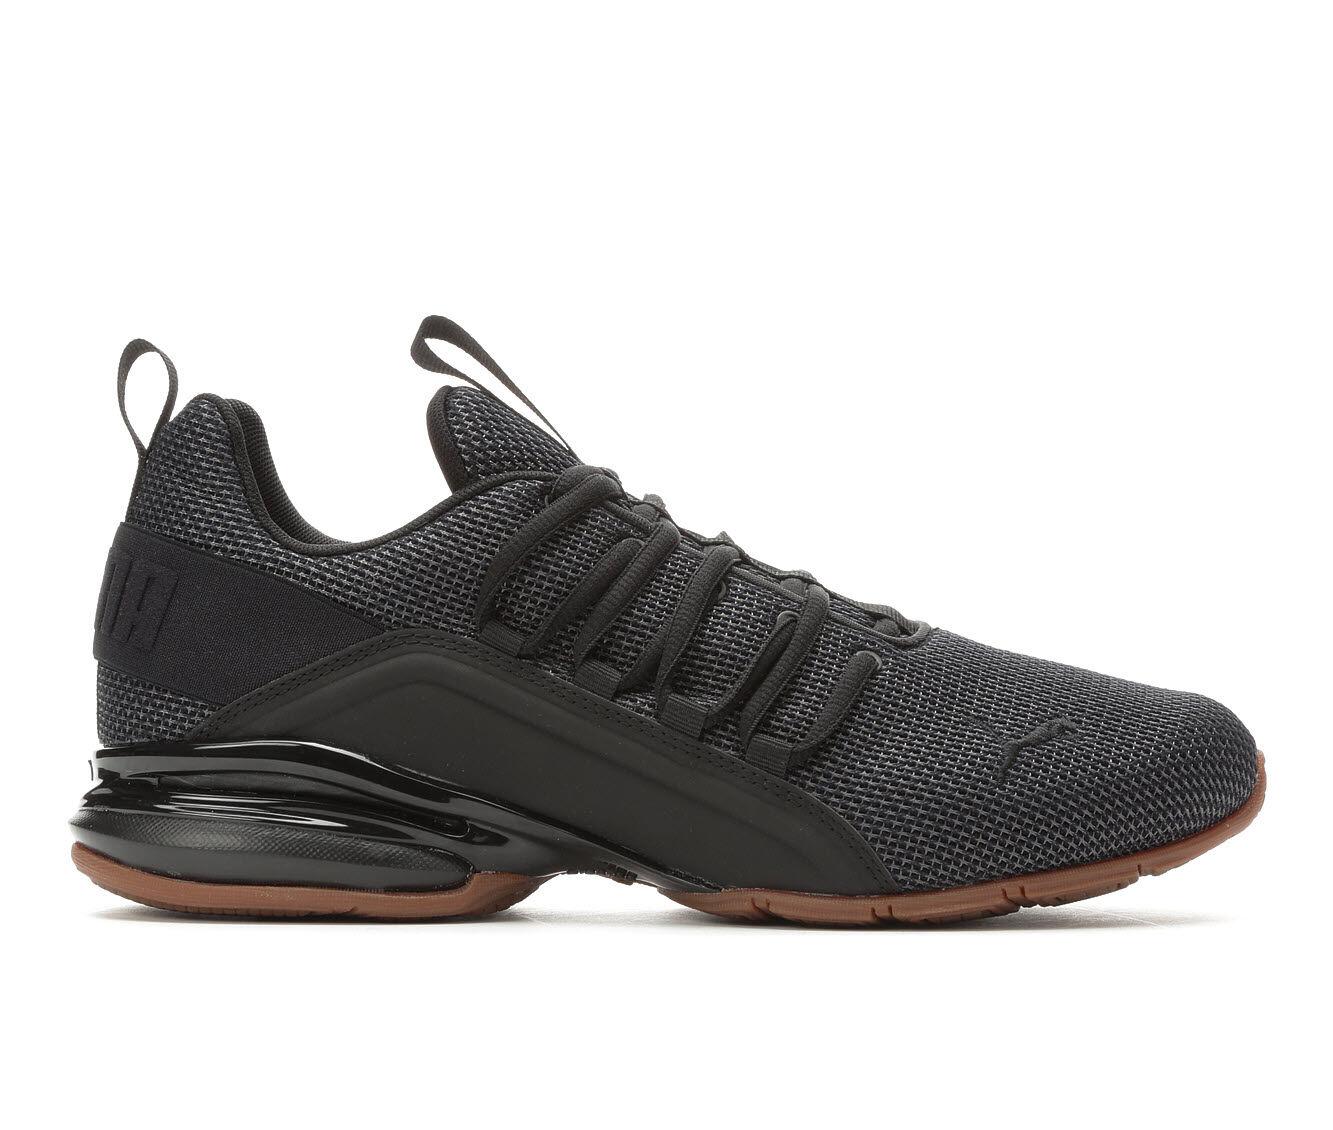 Men's Puma Axelion Mesh Sneakers Blk/Blk/Gum